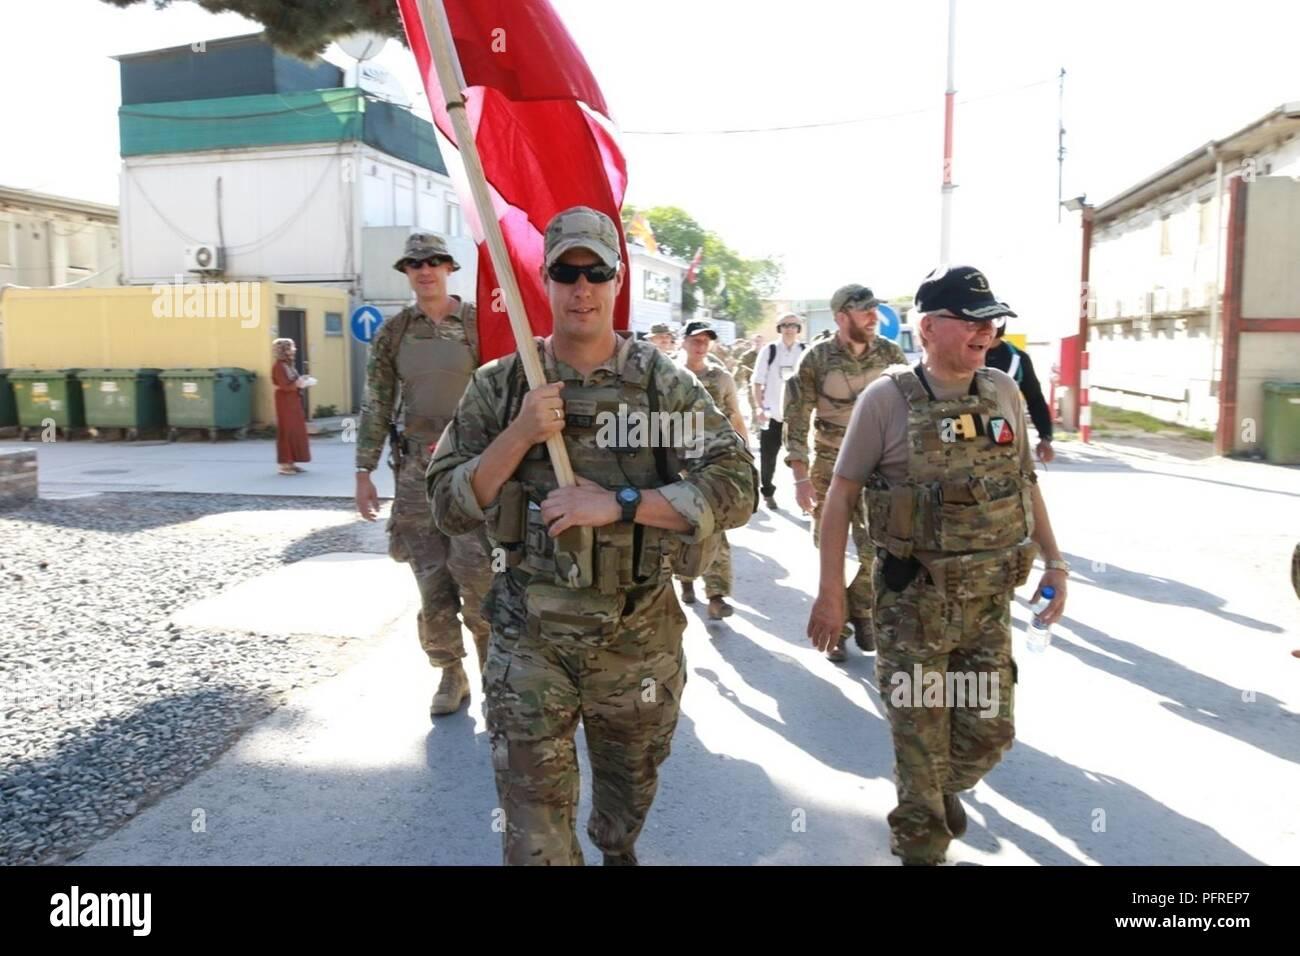 KABUL, Afganistán (Mayo 27, 2018) - Más de 220 Apoyo decidido los miembros realizaron una marcha de 25 kilómetros, conocido como el contingente danés (DANCON) Marzo en apoyo de los veteranos daneses. La marcha ha sido una tradición en la defensa de Dinamarca desde 1972, cuando el Ejército Real Danés fue desplegada en Chipre. Foto de stock